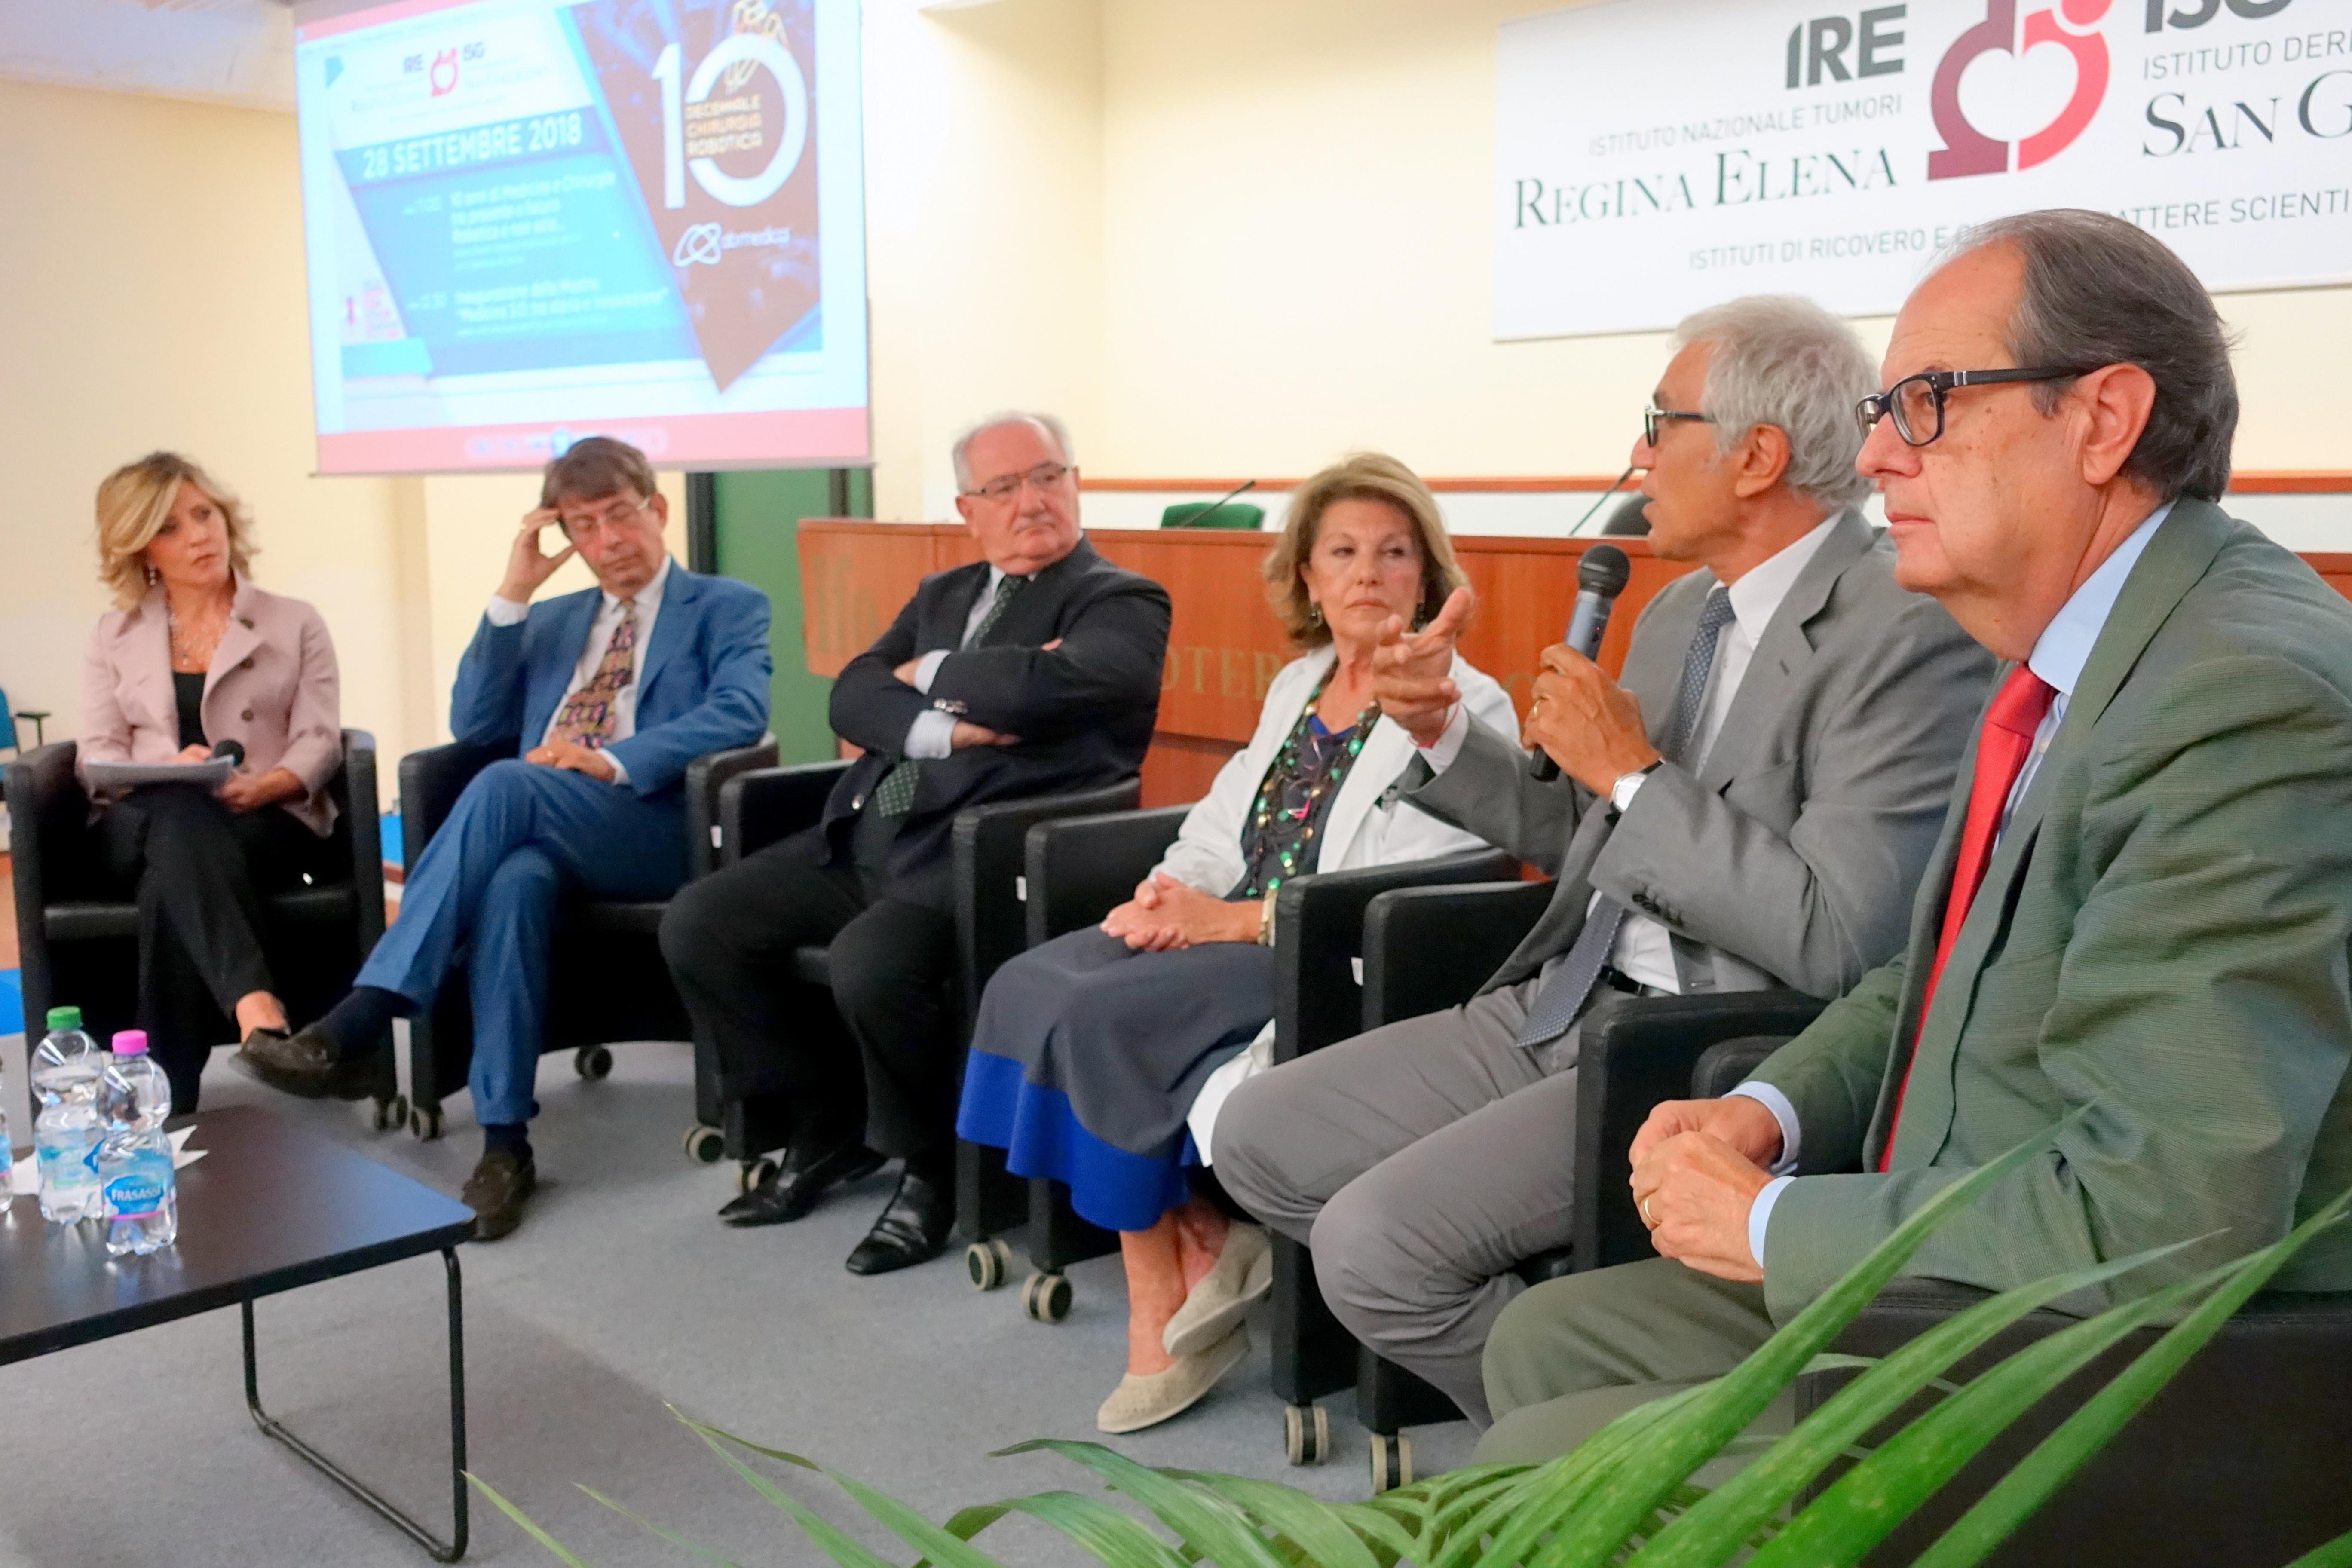 Convegno per i 10 anni della robotica agli IFO